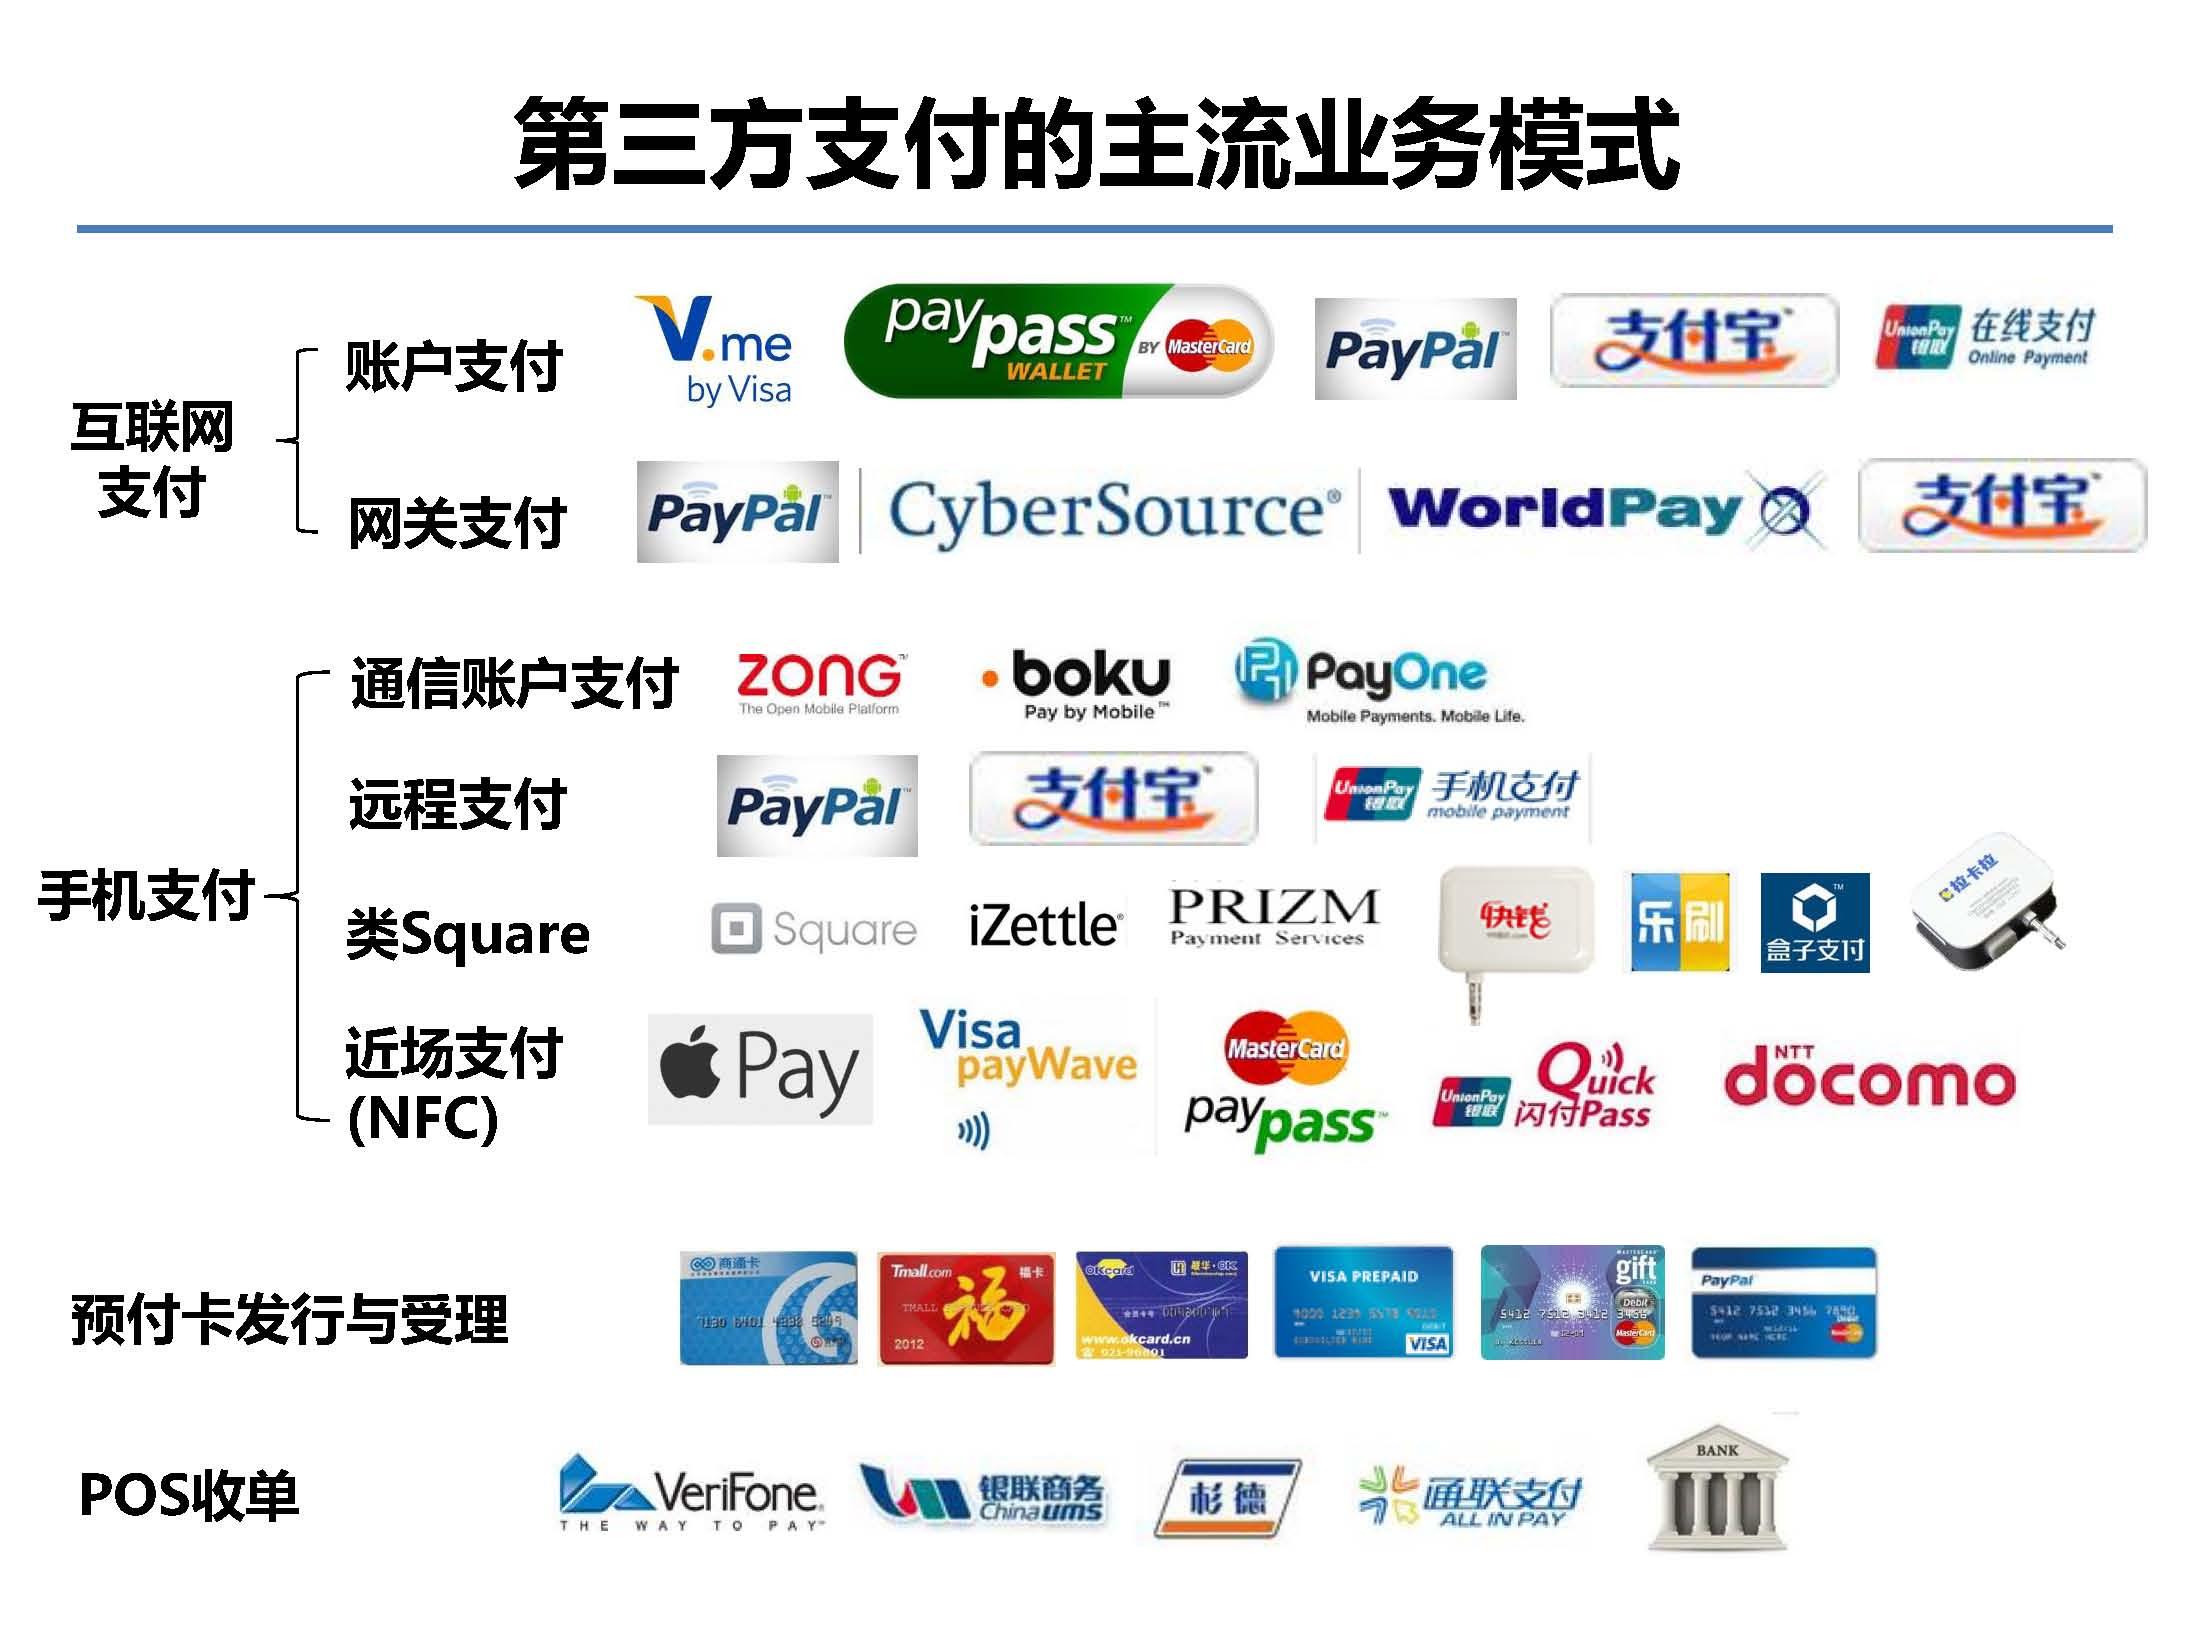 互联网金融行业全景及展望_蚂蚁金服评论_Page_05.jpg